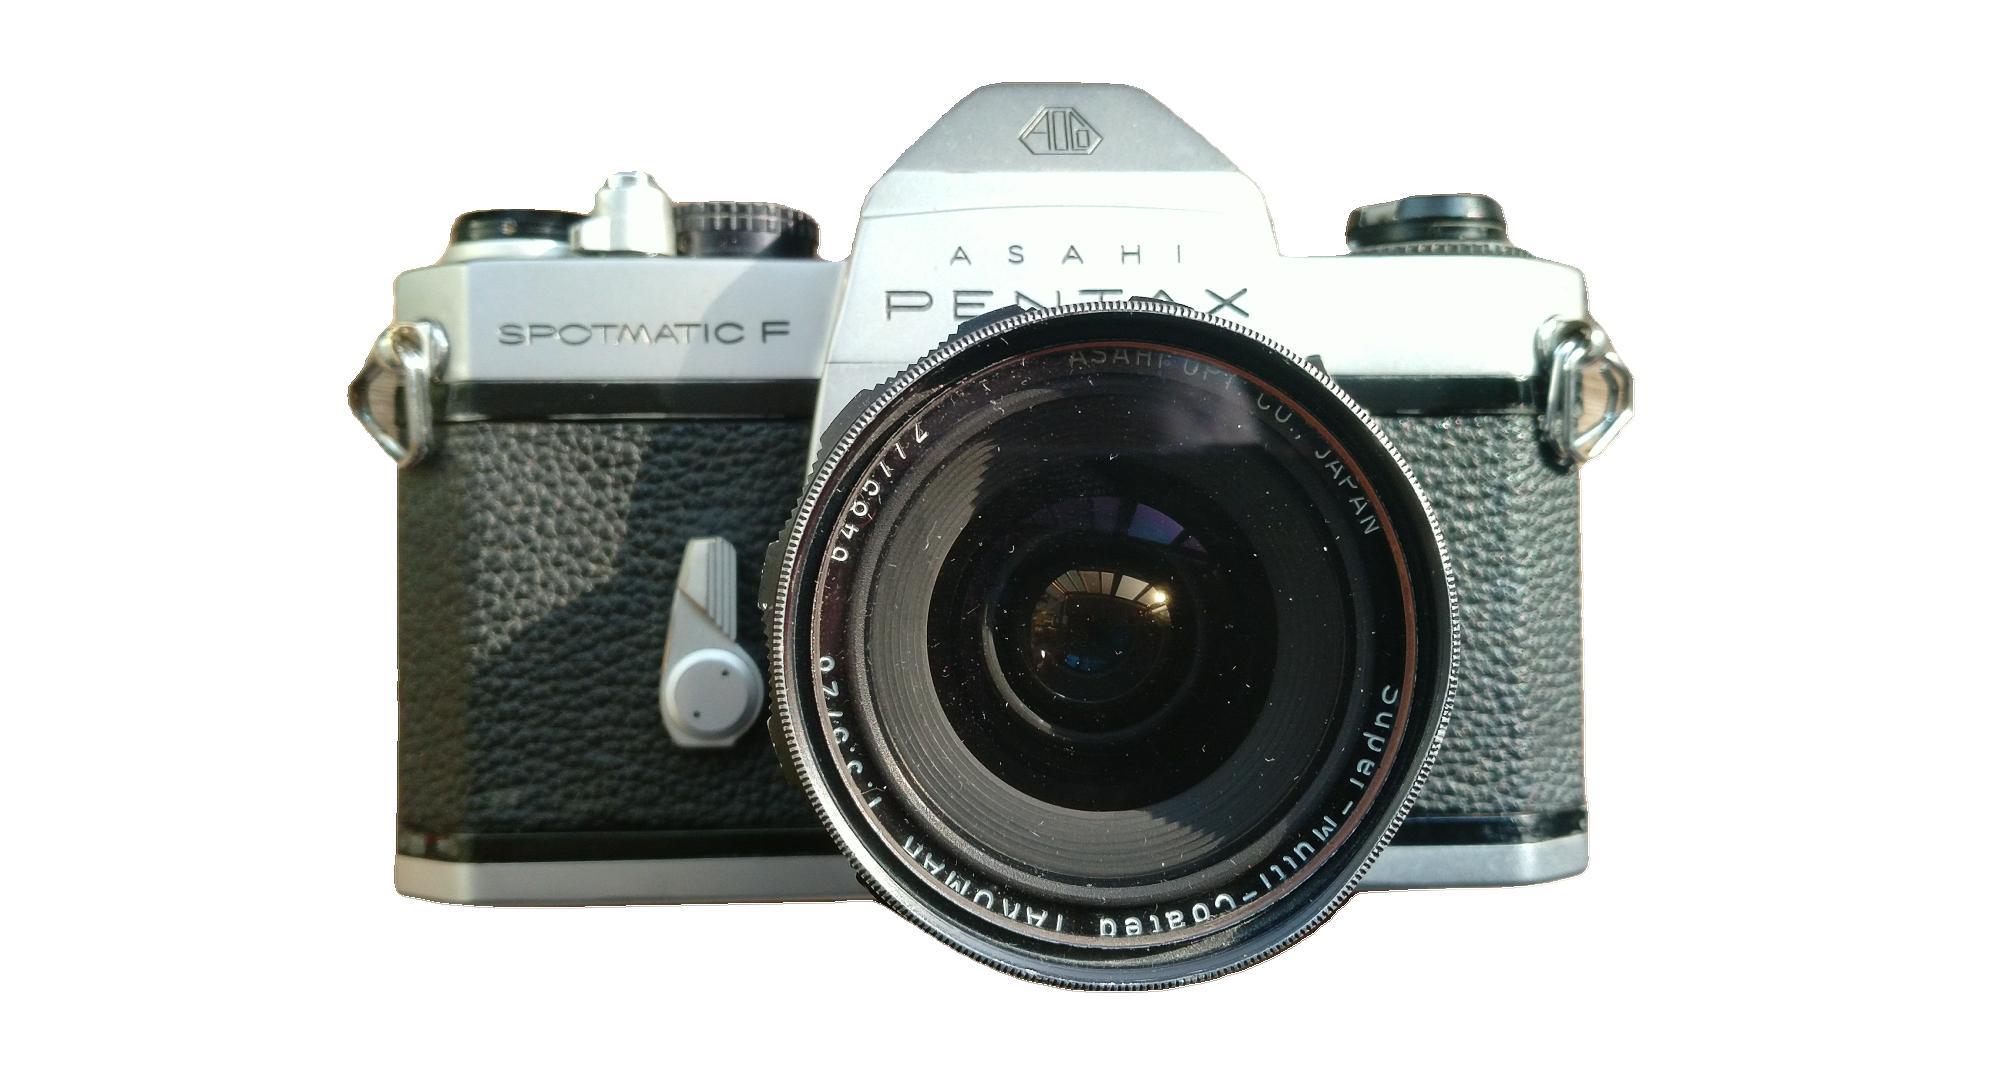 宾得spf胶片机,带太苦玛28/3.5镜头,取景器有灰,有老